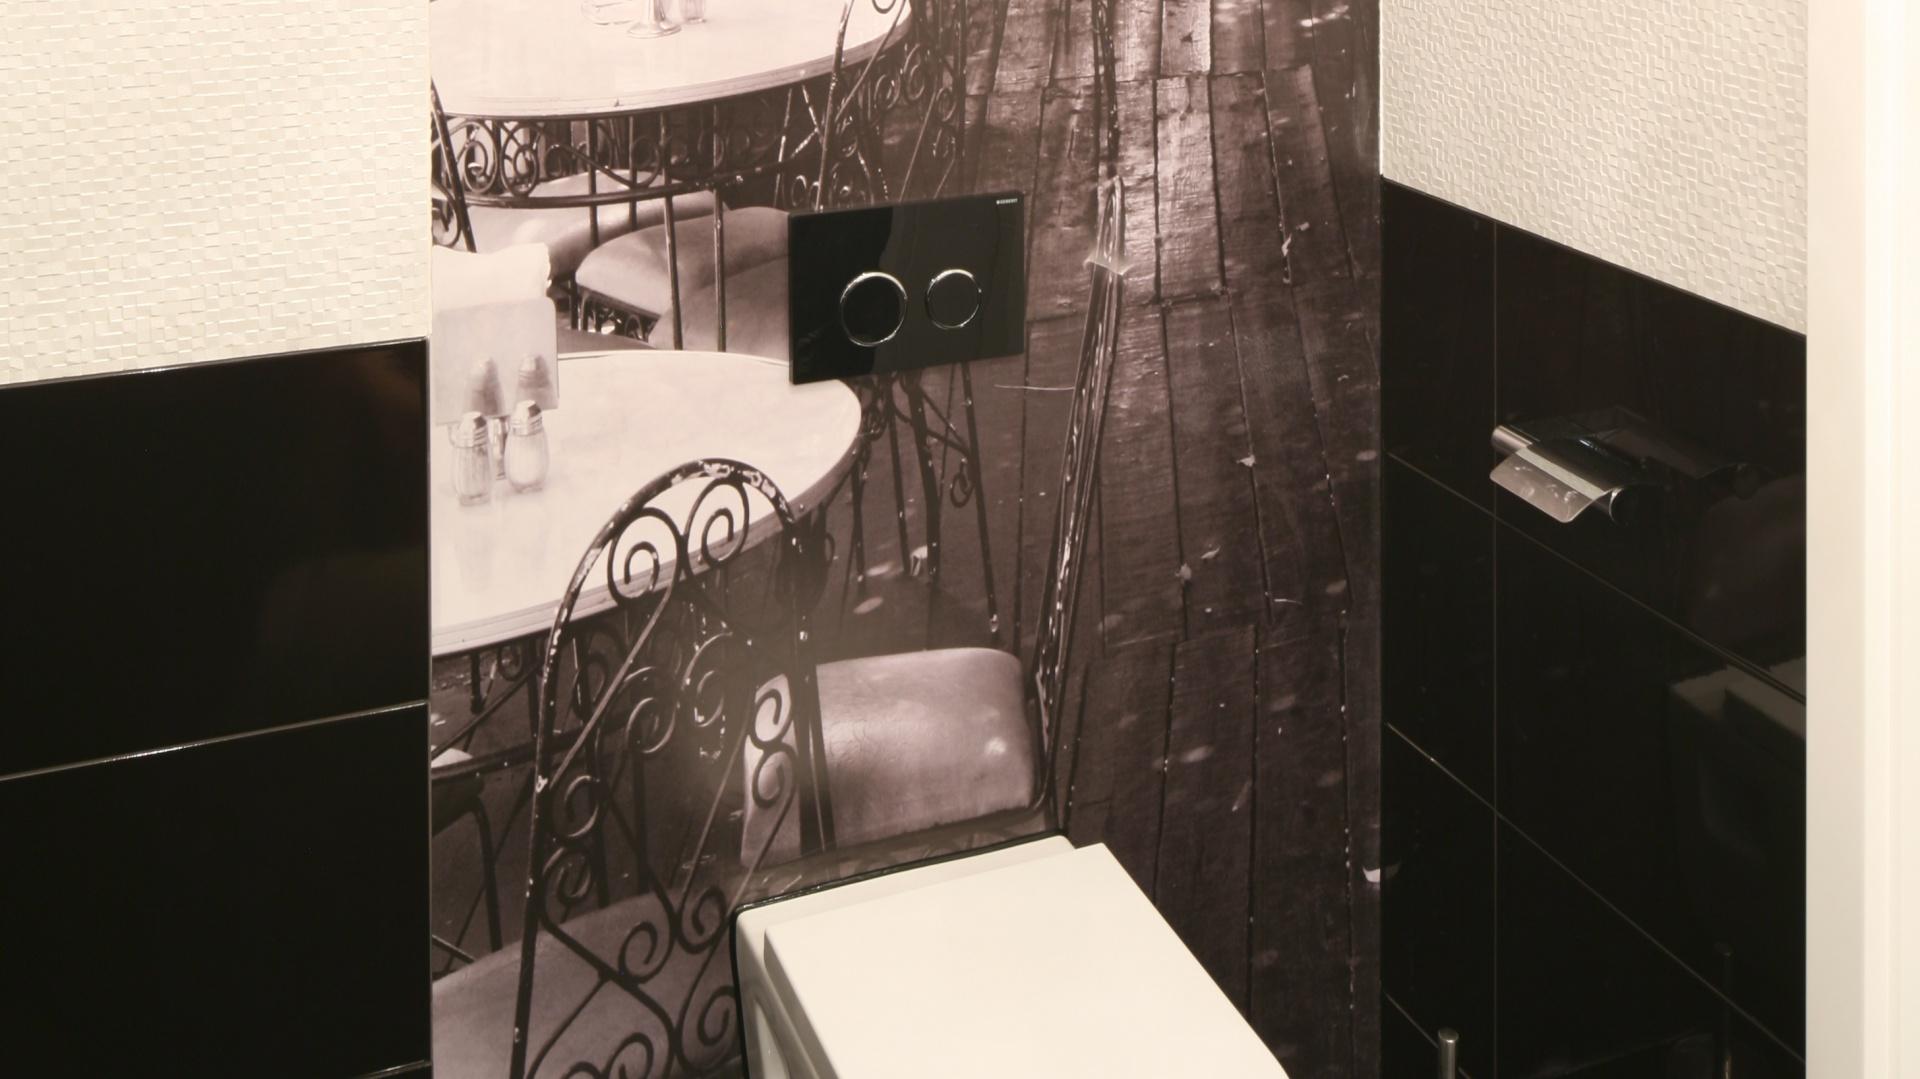 Fototapety Do łazienki Zobacz Jakie Wybrali Inni